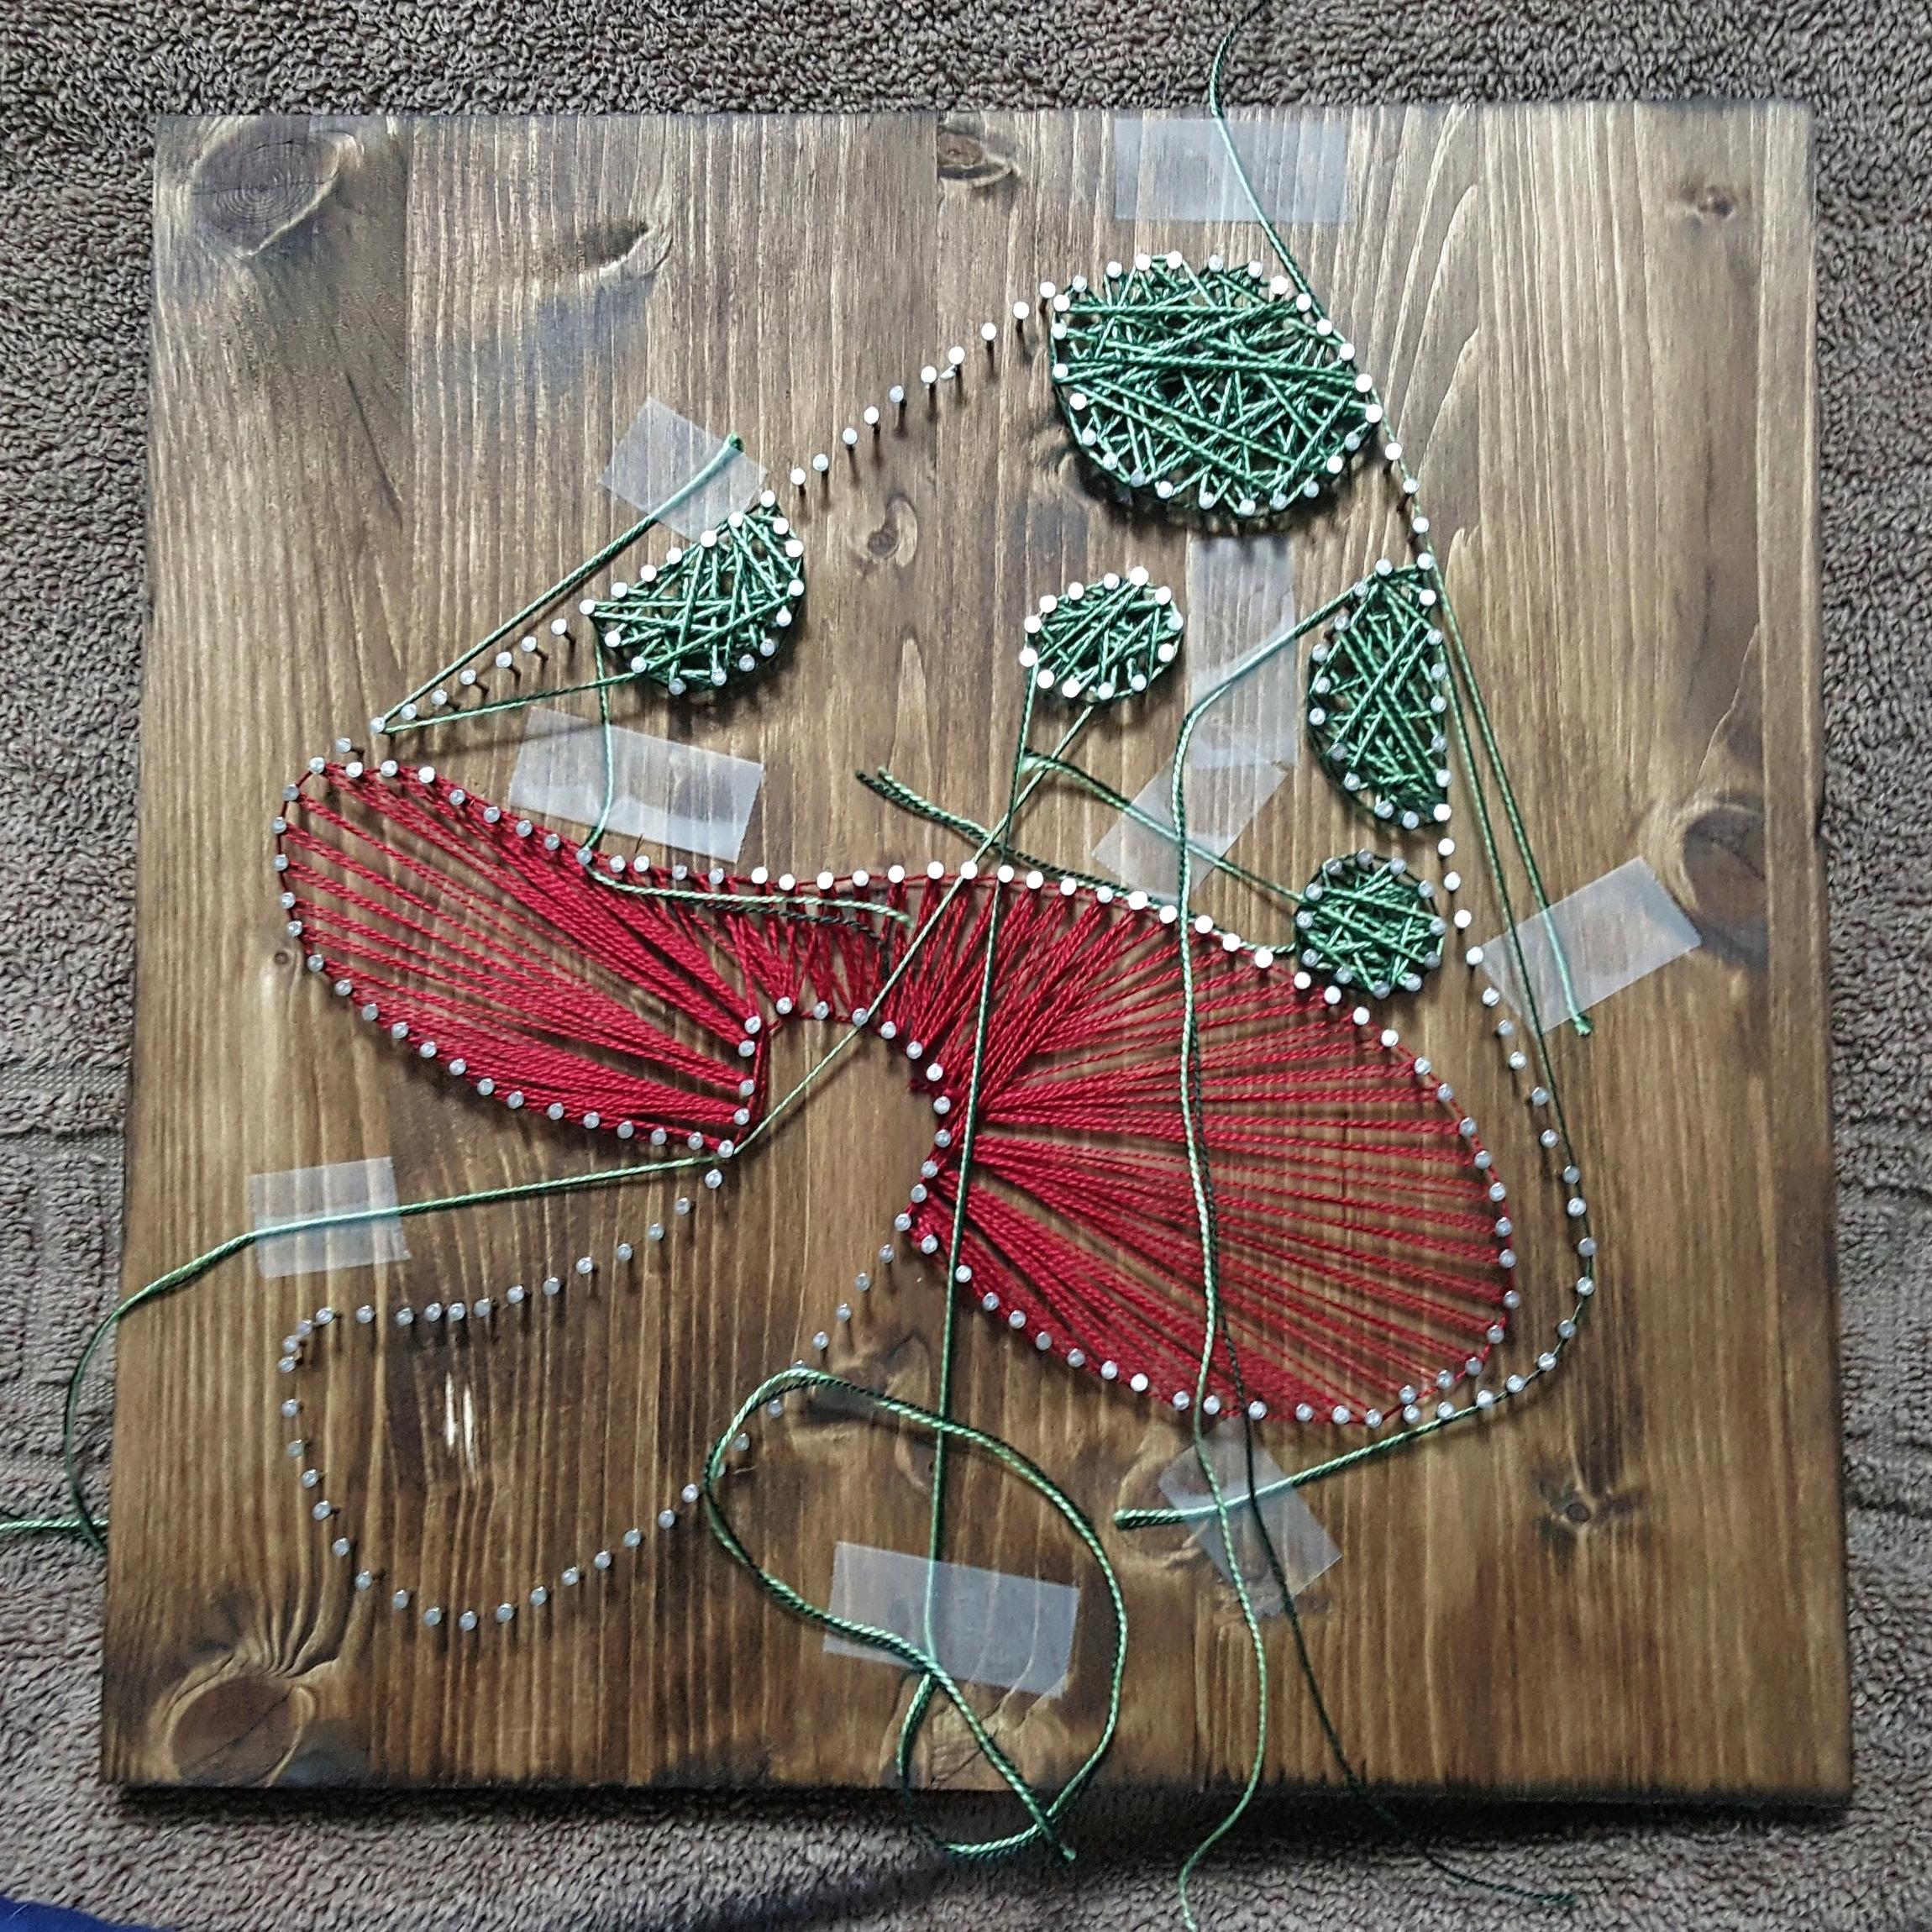 Mushroom String Art Spots